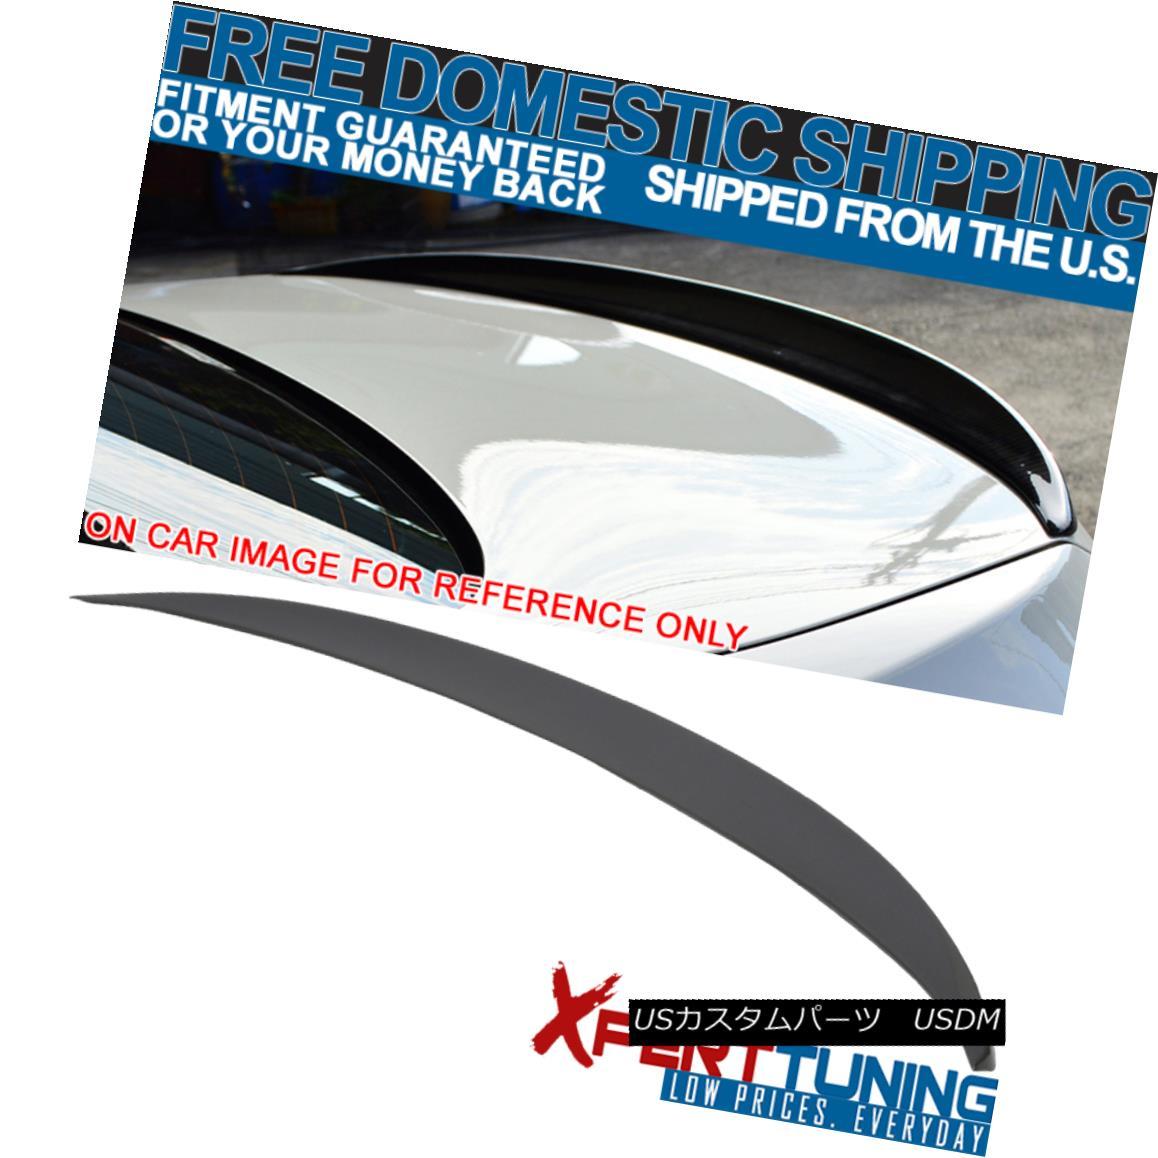 エアロパーツ Open Box Fits 11-16 F10 Sedan Performance Painted B39 Mineral Gray Trunk Spoiler オープンボックスが11-16 F10セダンの性能を塗装B39ミネラルグレーのトランク・スポイラー